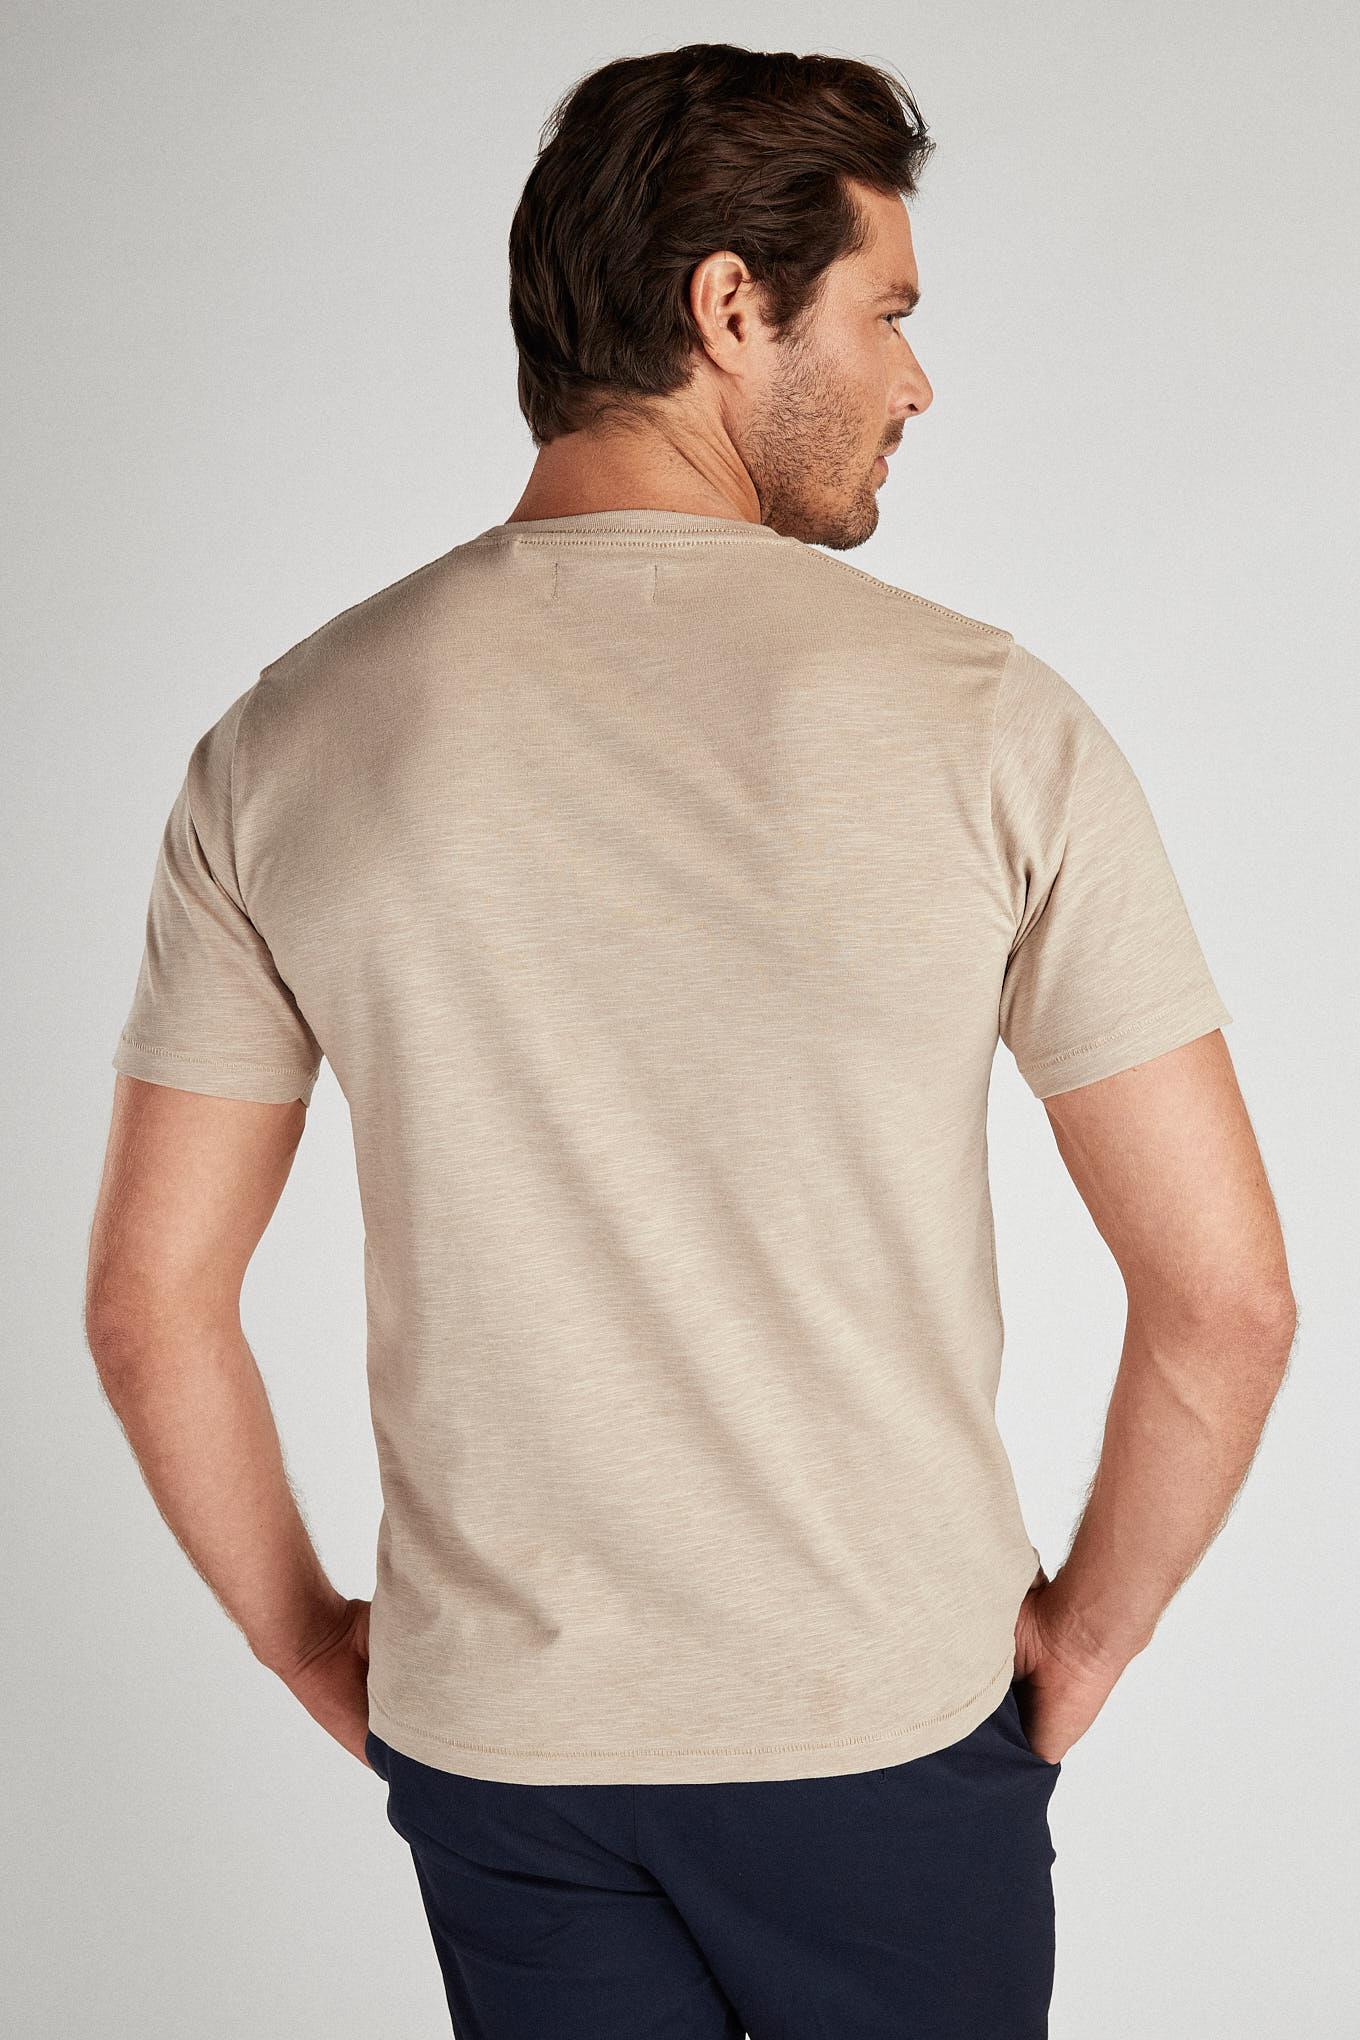 T-Shirt Dark Beige Sport Man